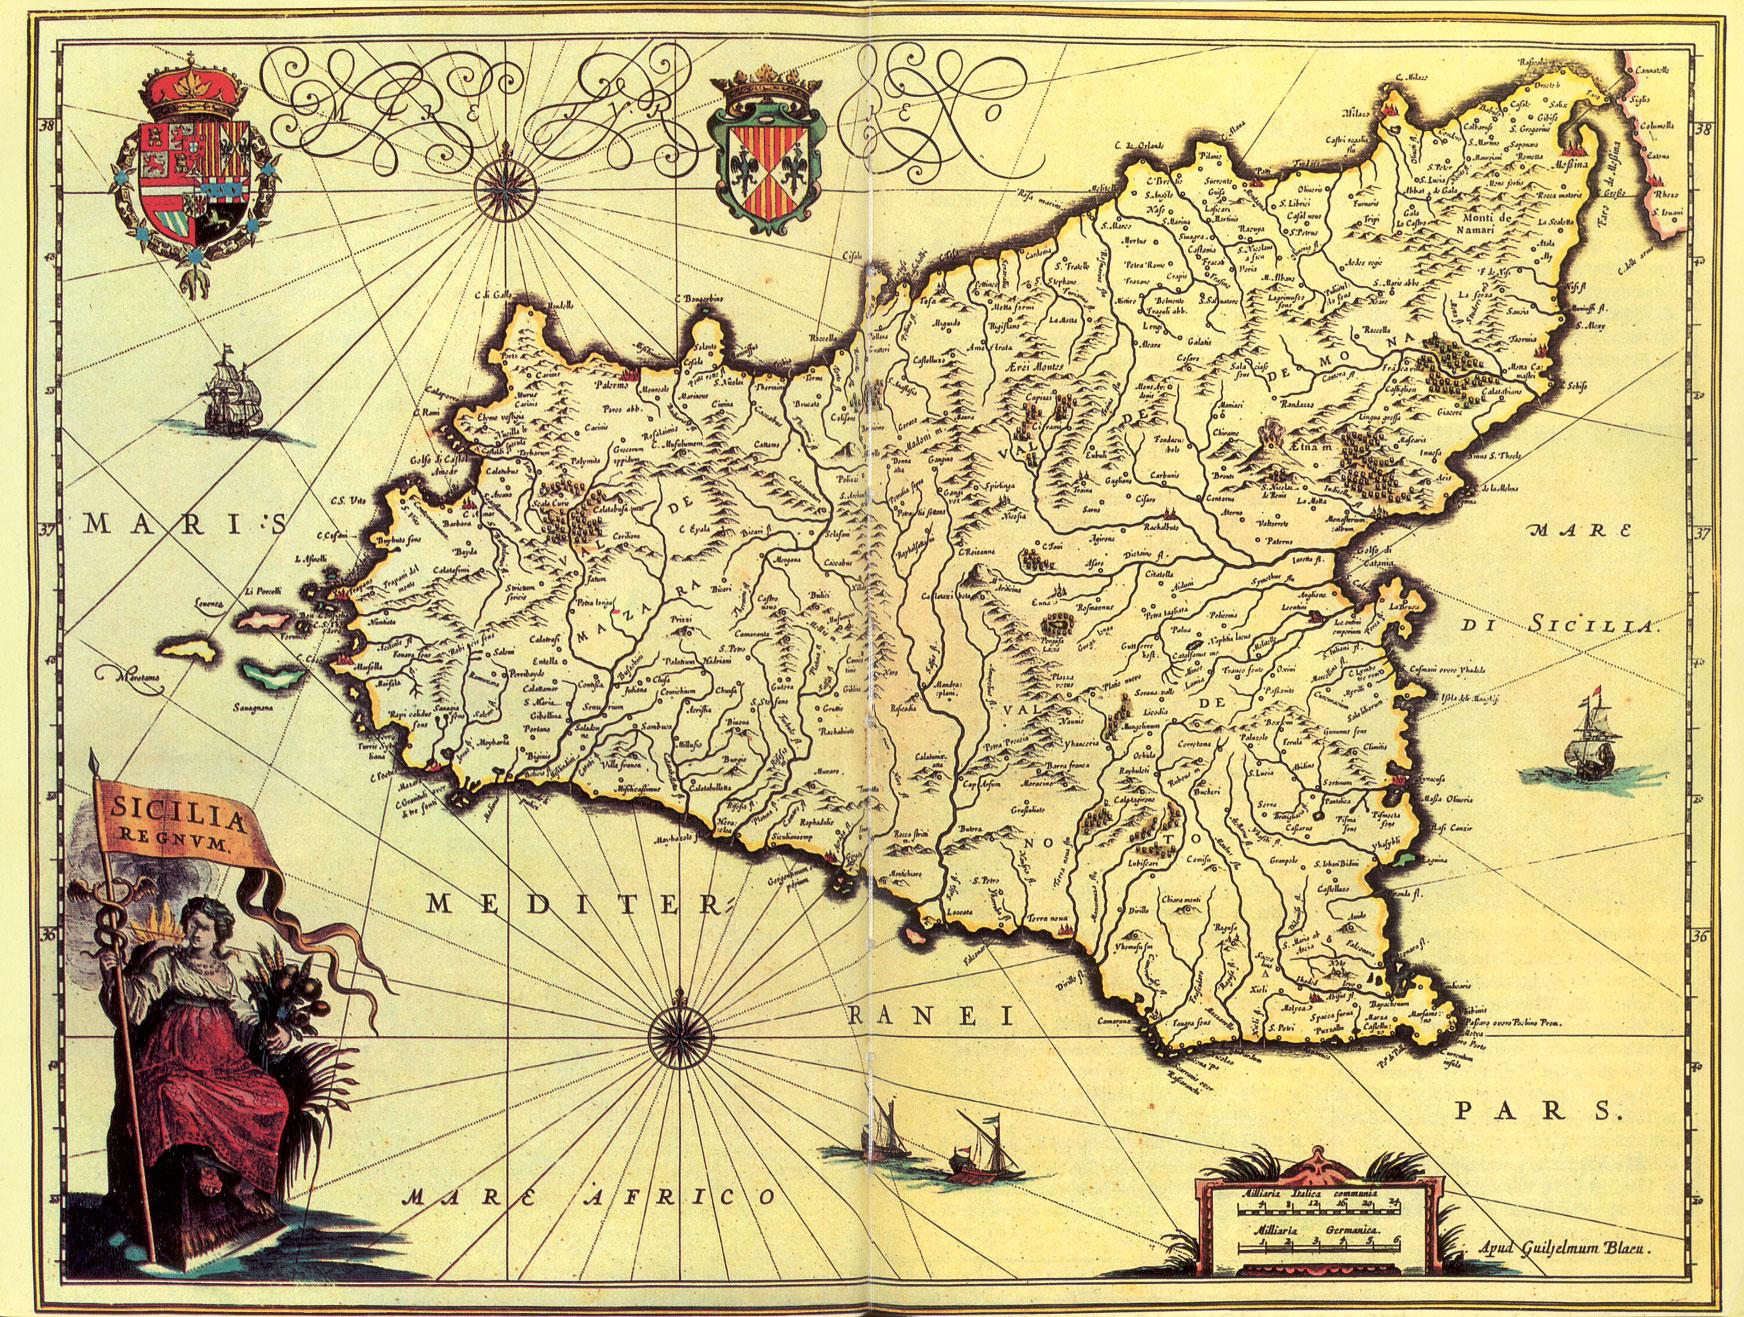 Historical-map-of-Sicily-bjs-1.jpg